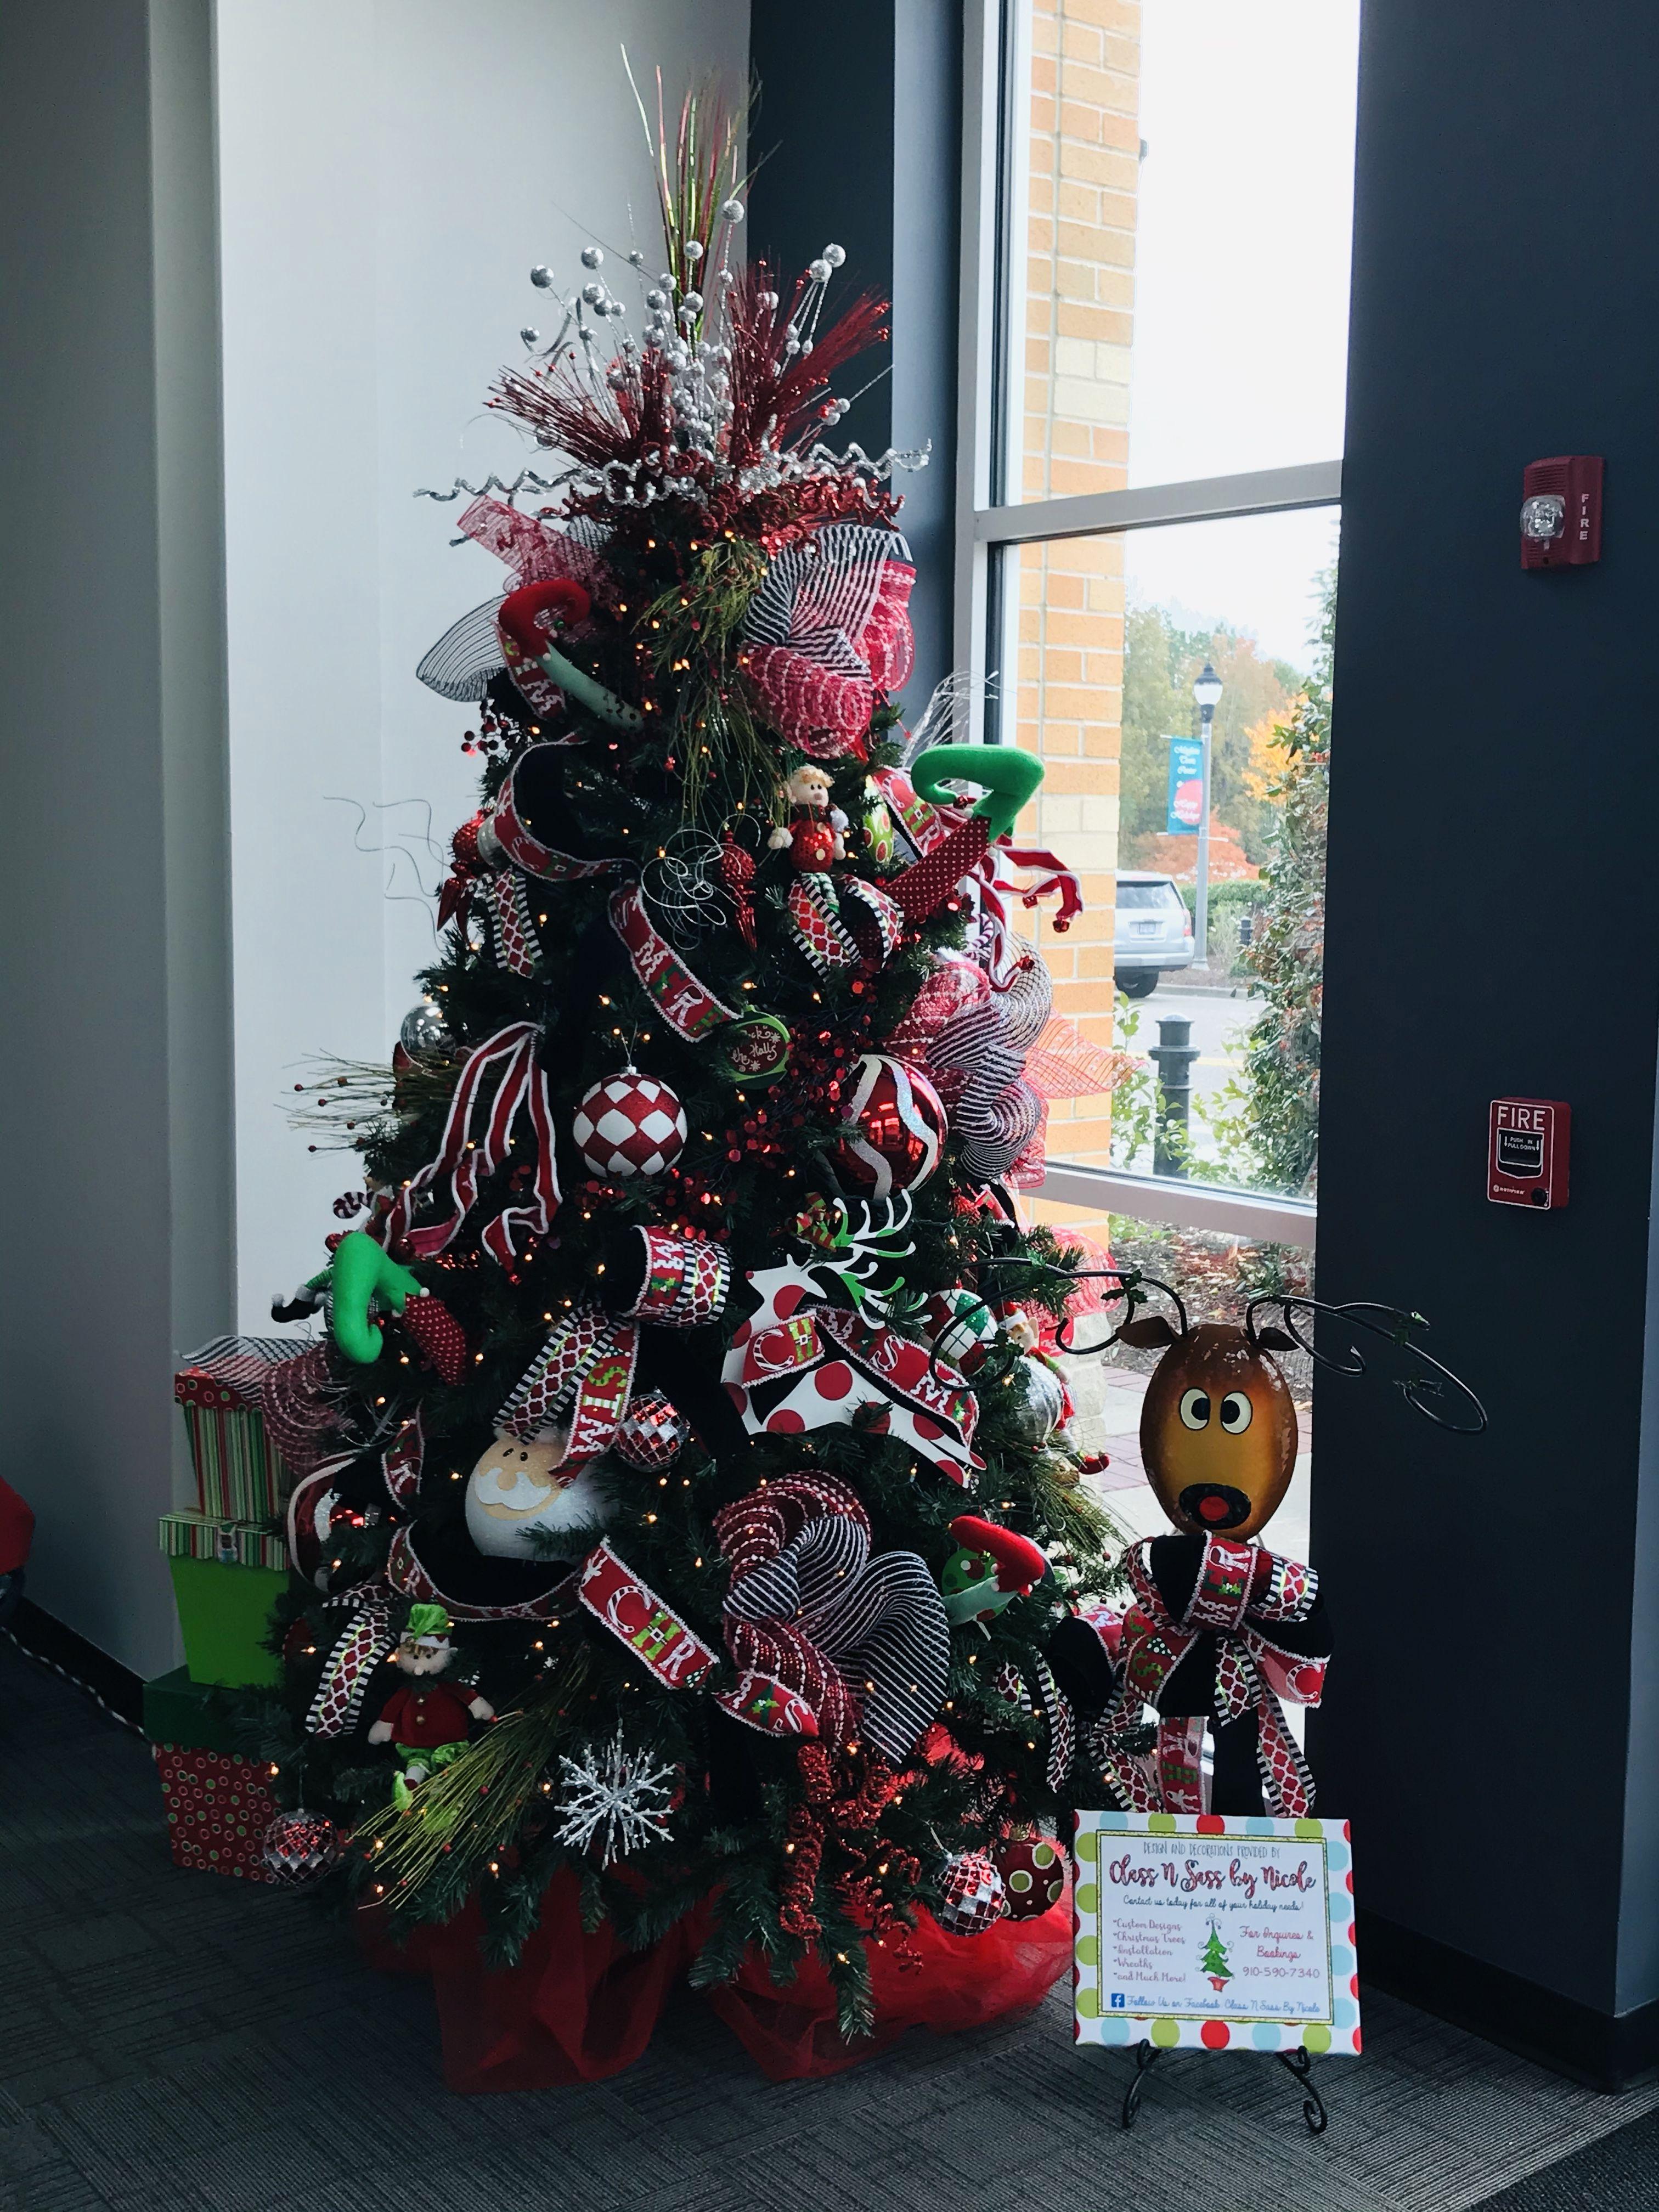 At T Store Tree Holiday Decor Christmas Tree Decor